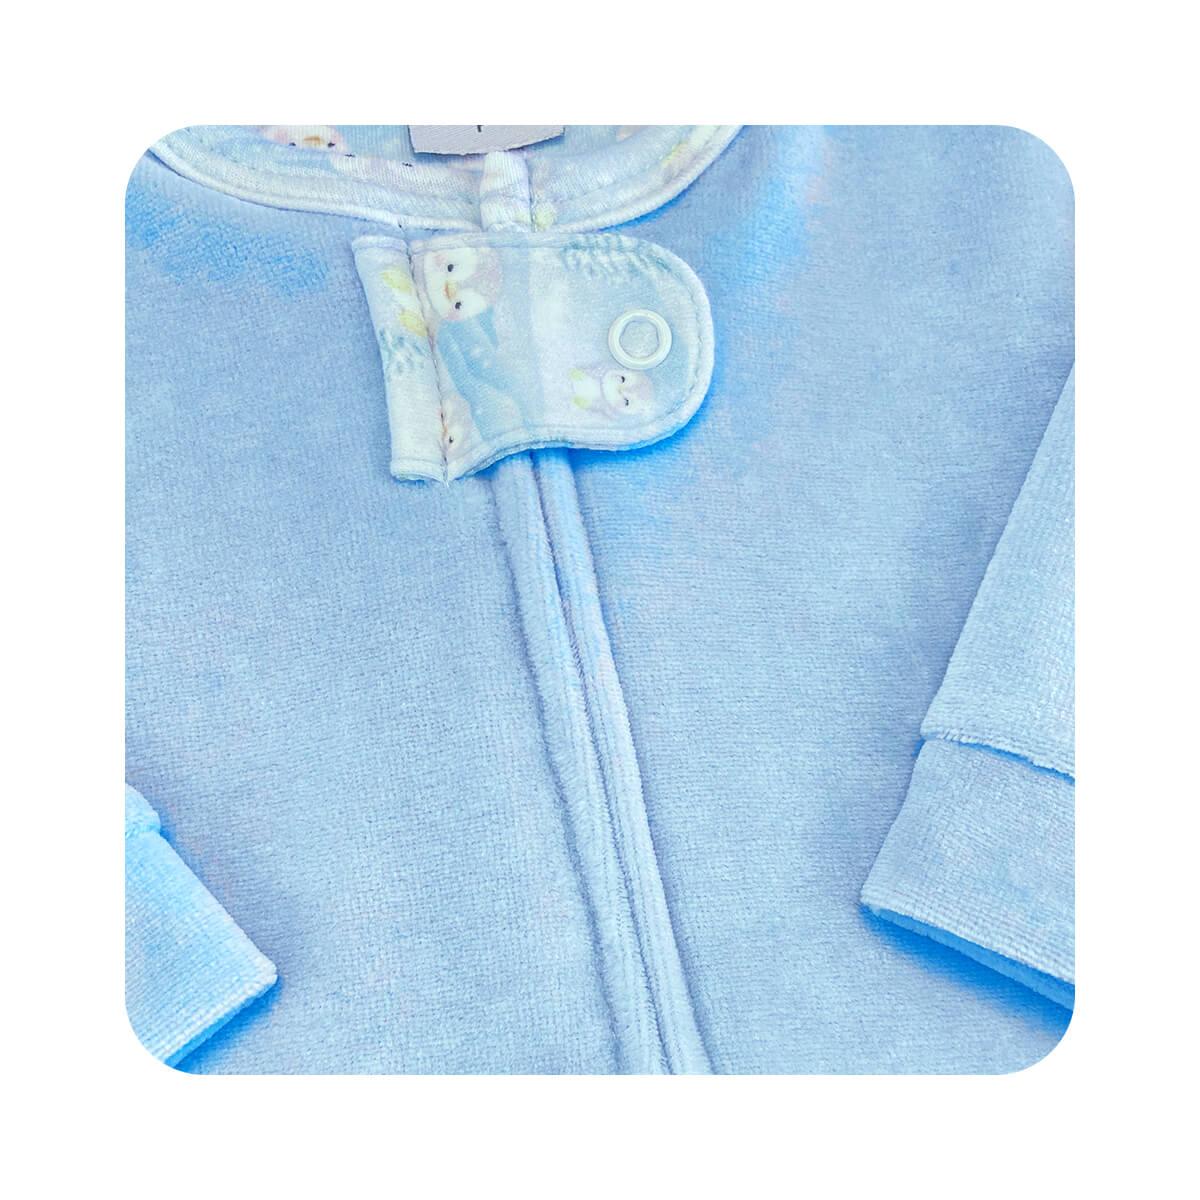 Macacão Plush Zíper Pinguim Azul - Tamanhos RN e P com pezinho; M, G e XG sem pezinho  - Piu Blu